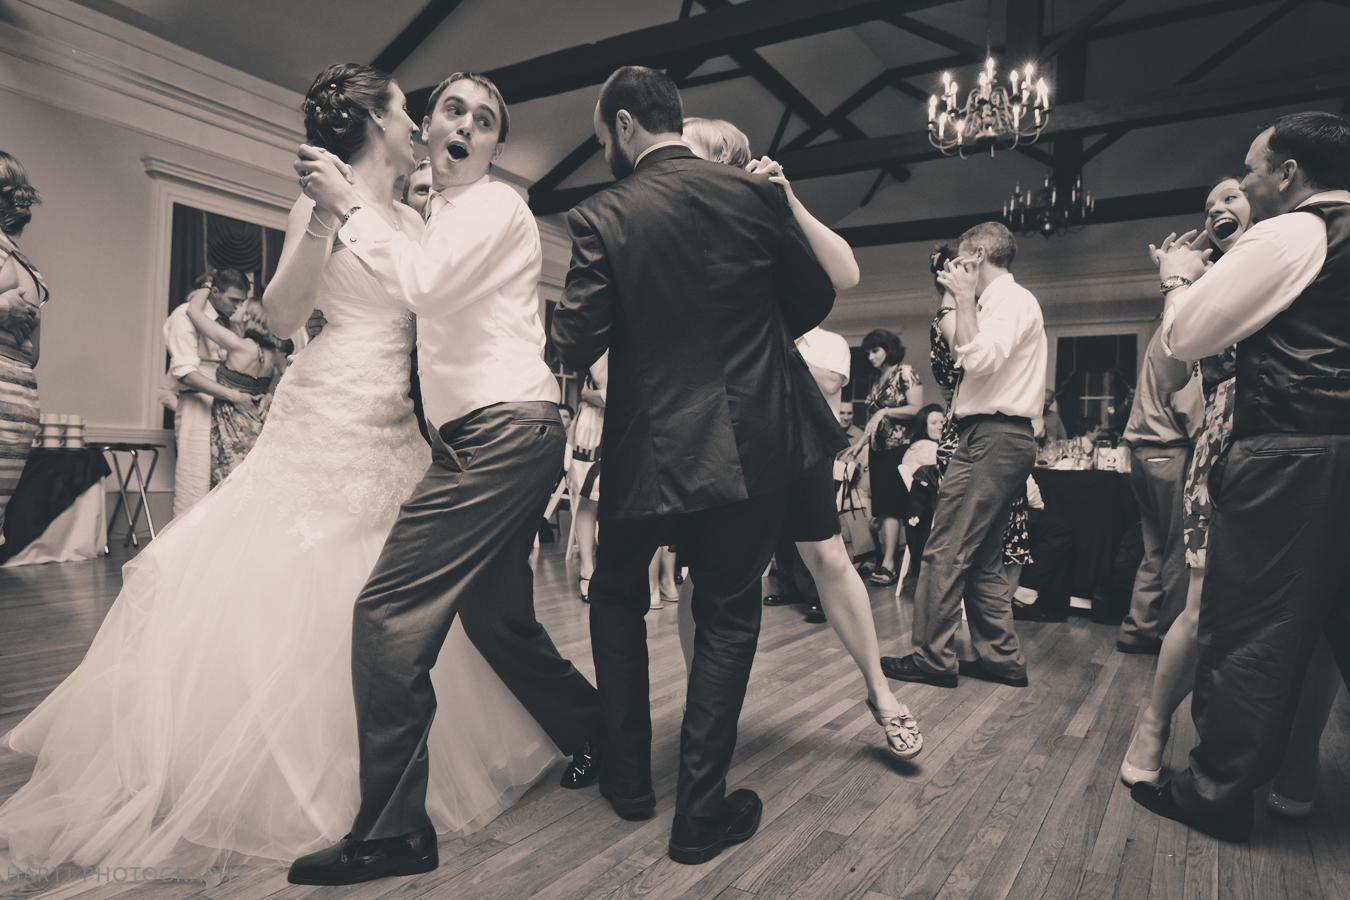 Erde-Jarvi-dancing-IMG_7593.jpg